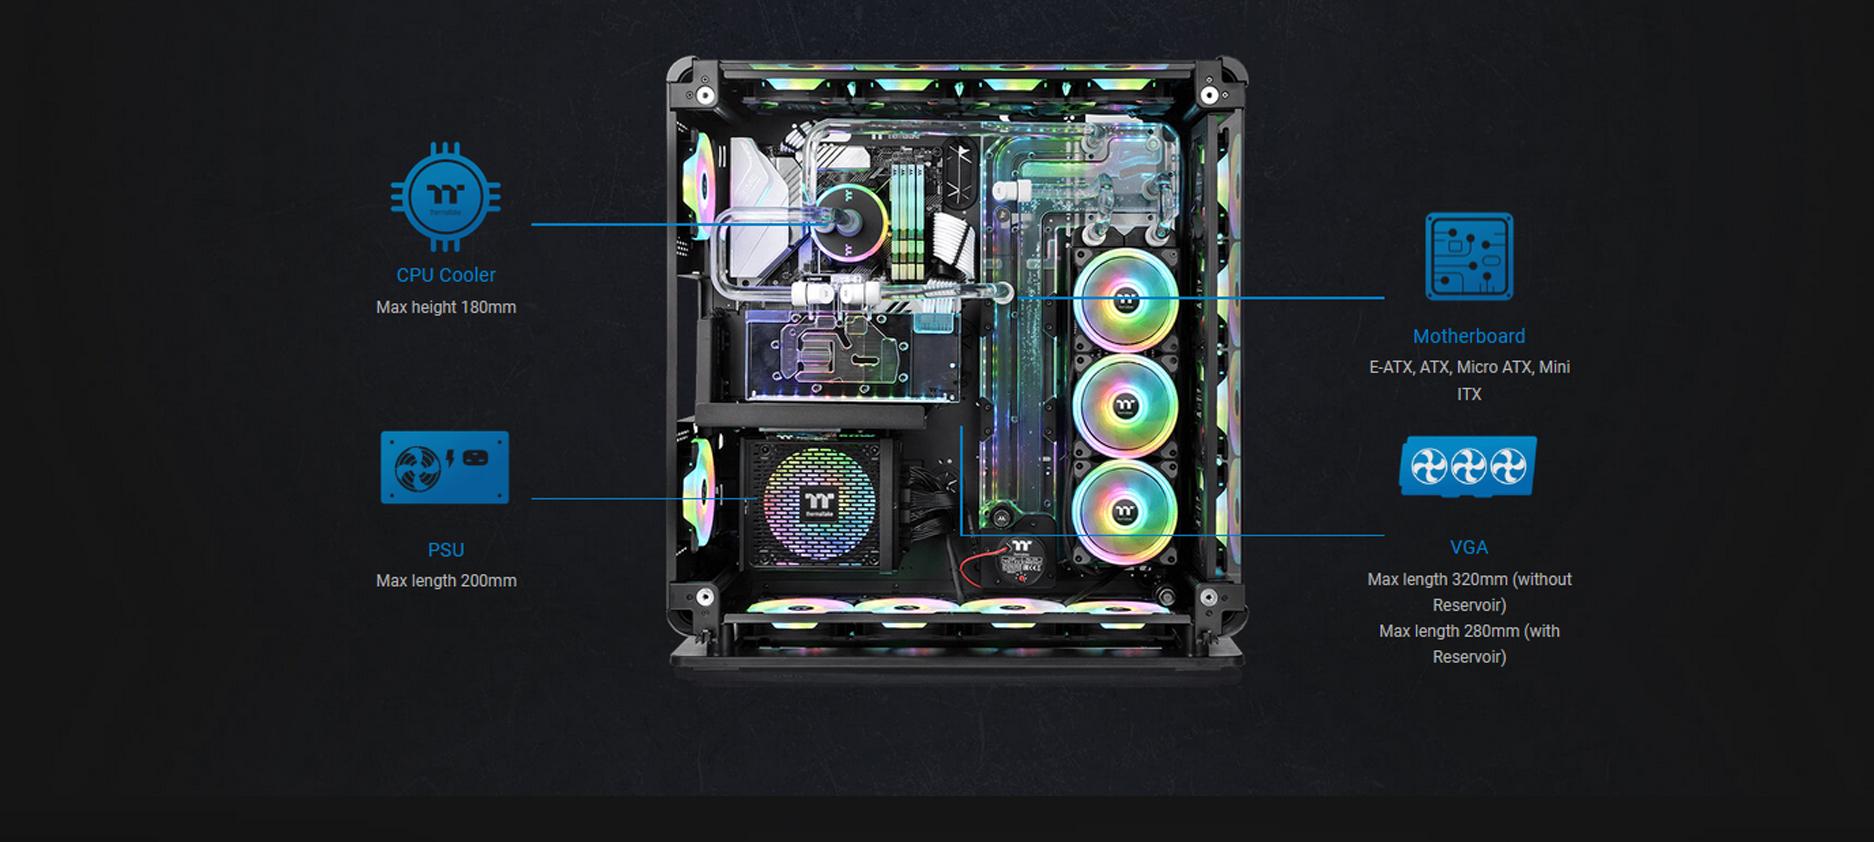 Case Thermaltake Core P8 Tempered Glass Full Tower Chassis (Full Tower / Màu Đen) đặc biệt phù hợp với các mẫu Modding PC có sử dụng tản nhiệt nước Custom.